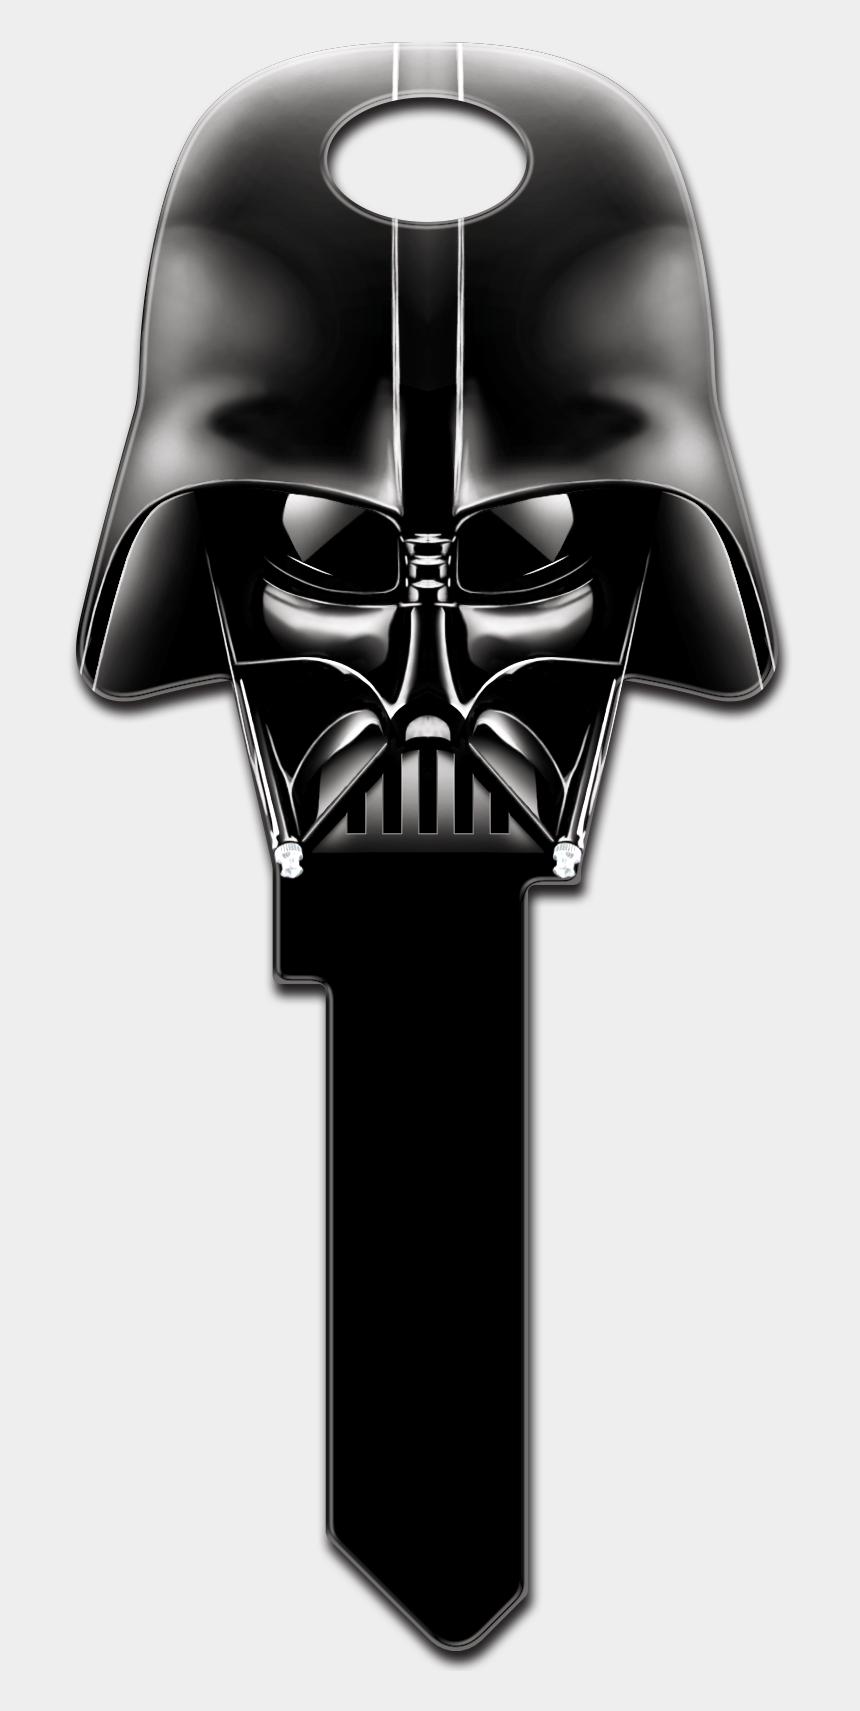 darth vader clipart, Cartoons - Sw7 Darth Vader 'dark Side' - Key Painted Star Wars